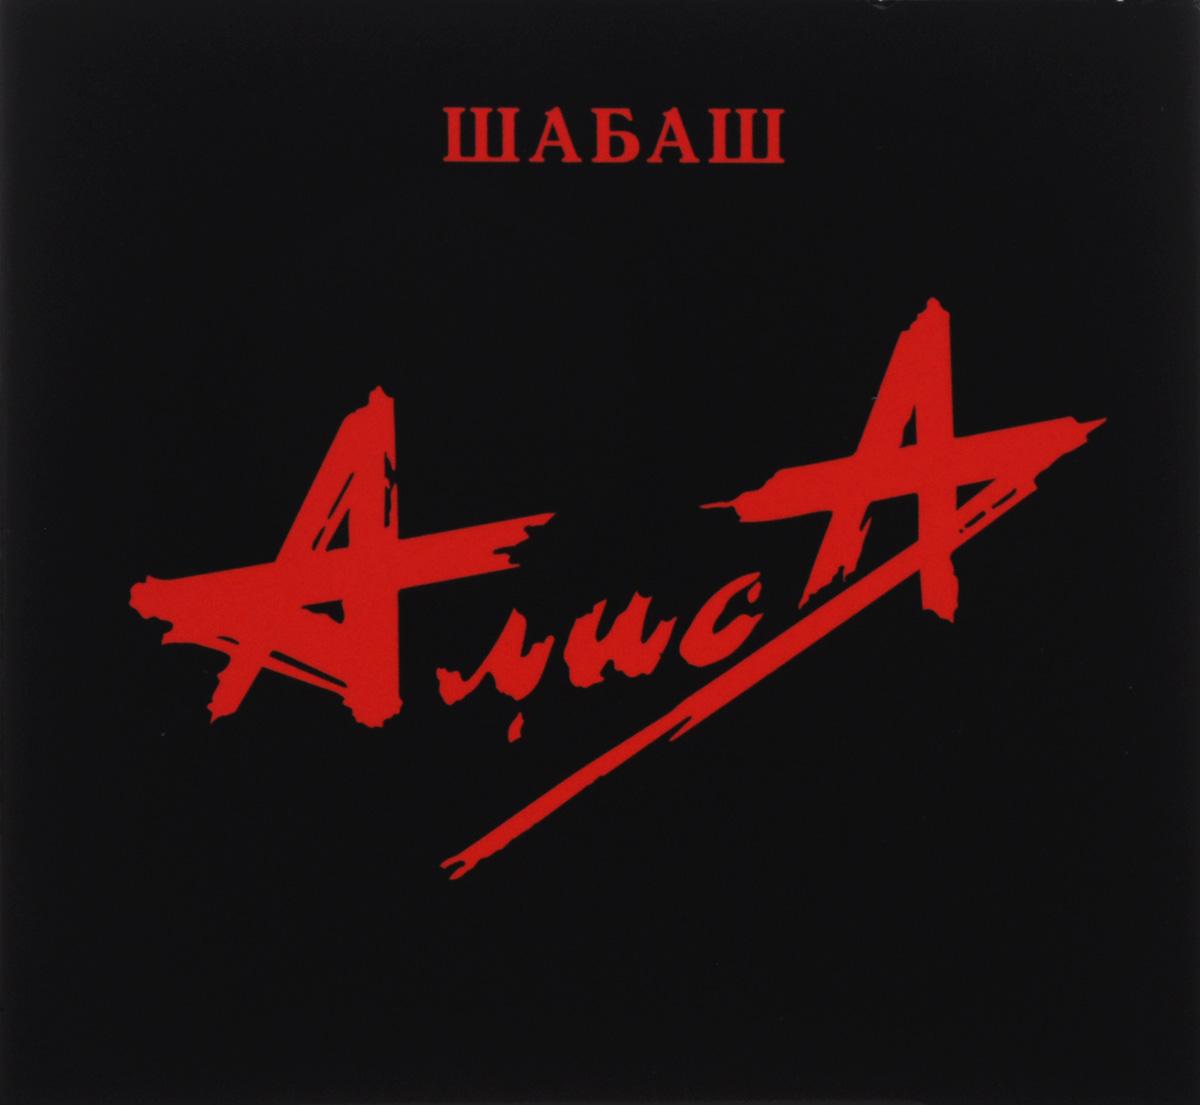 За основу альбома было решено взять московский концерт 28 октября 1990 года в Лужниках.